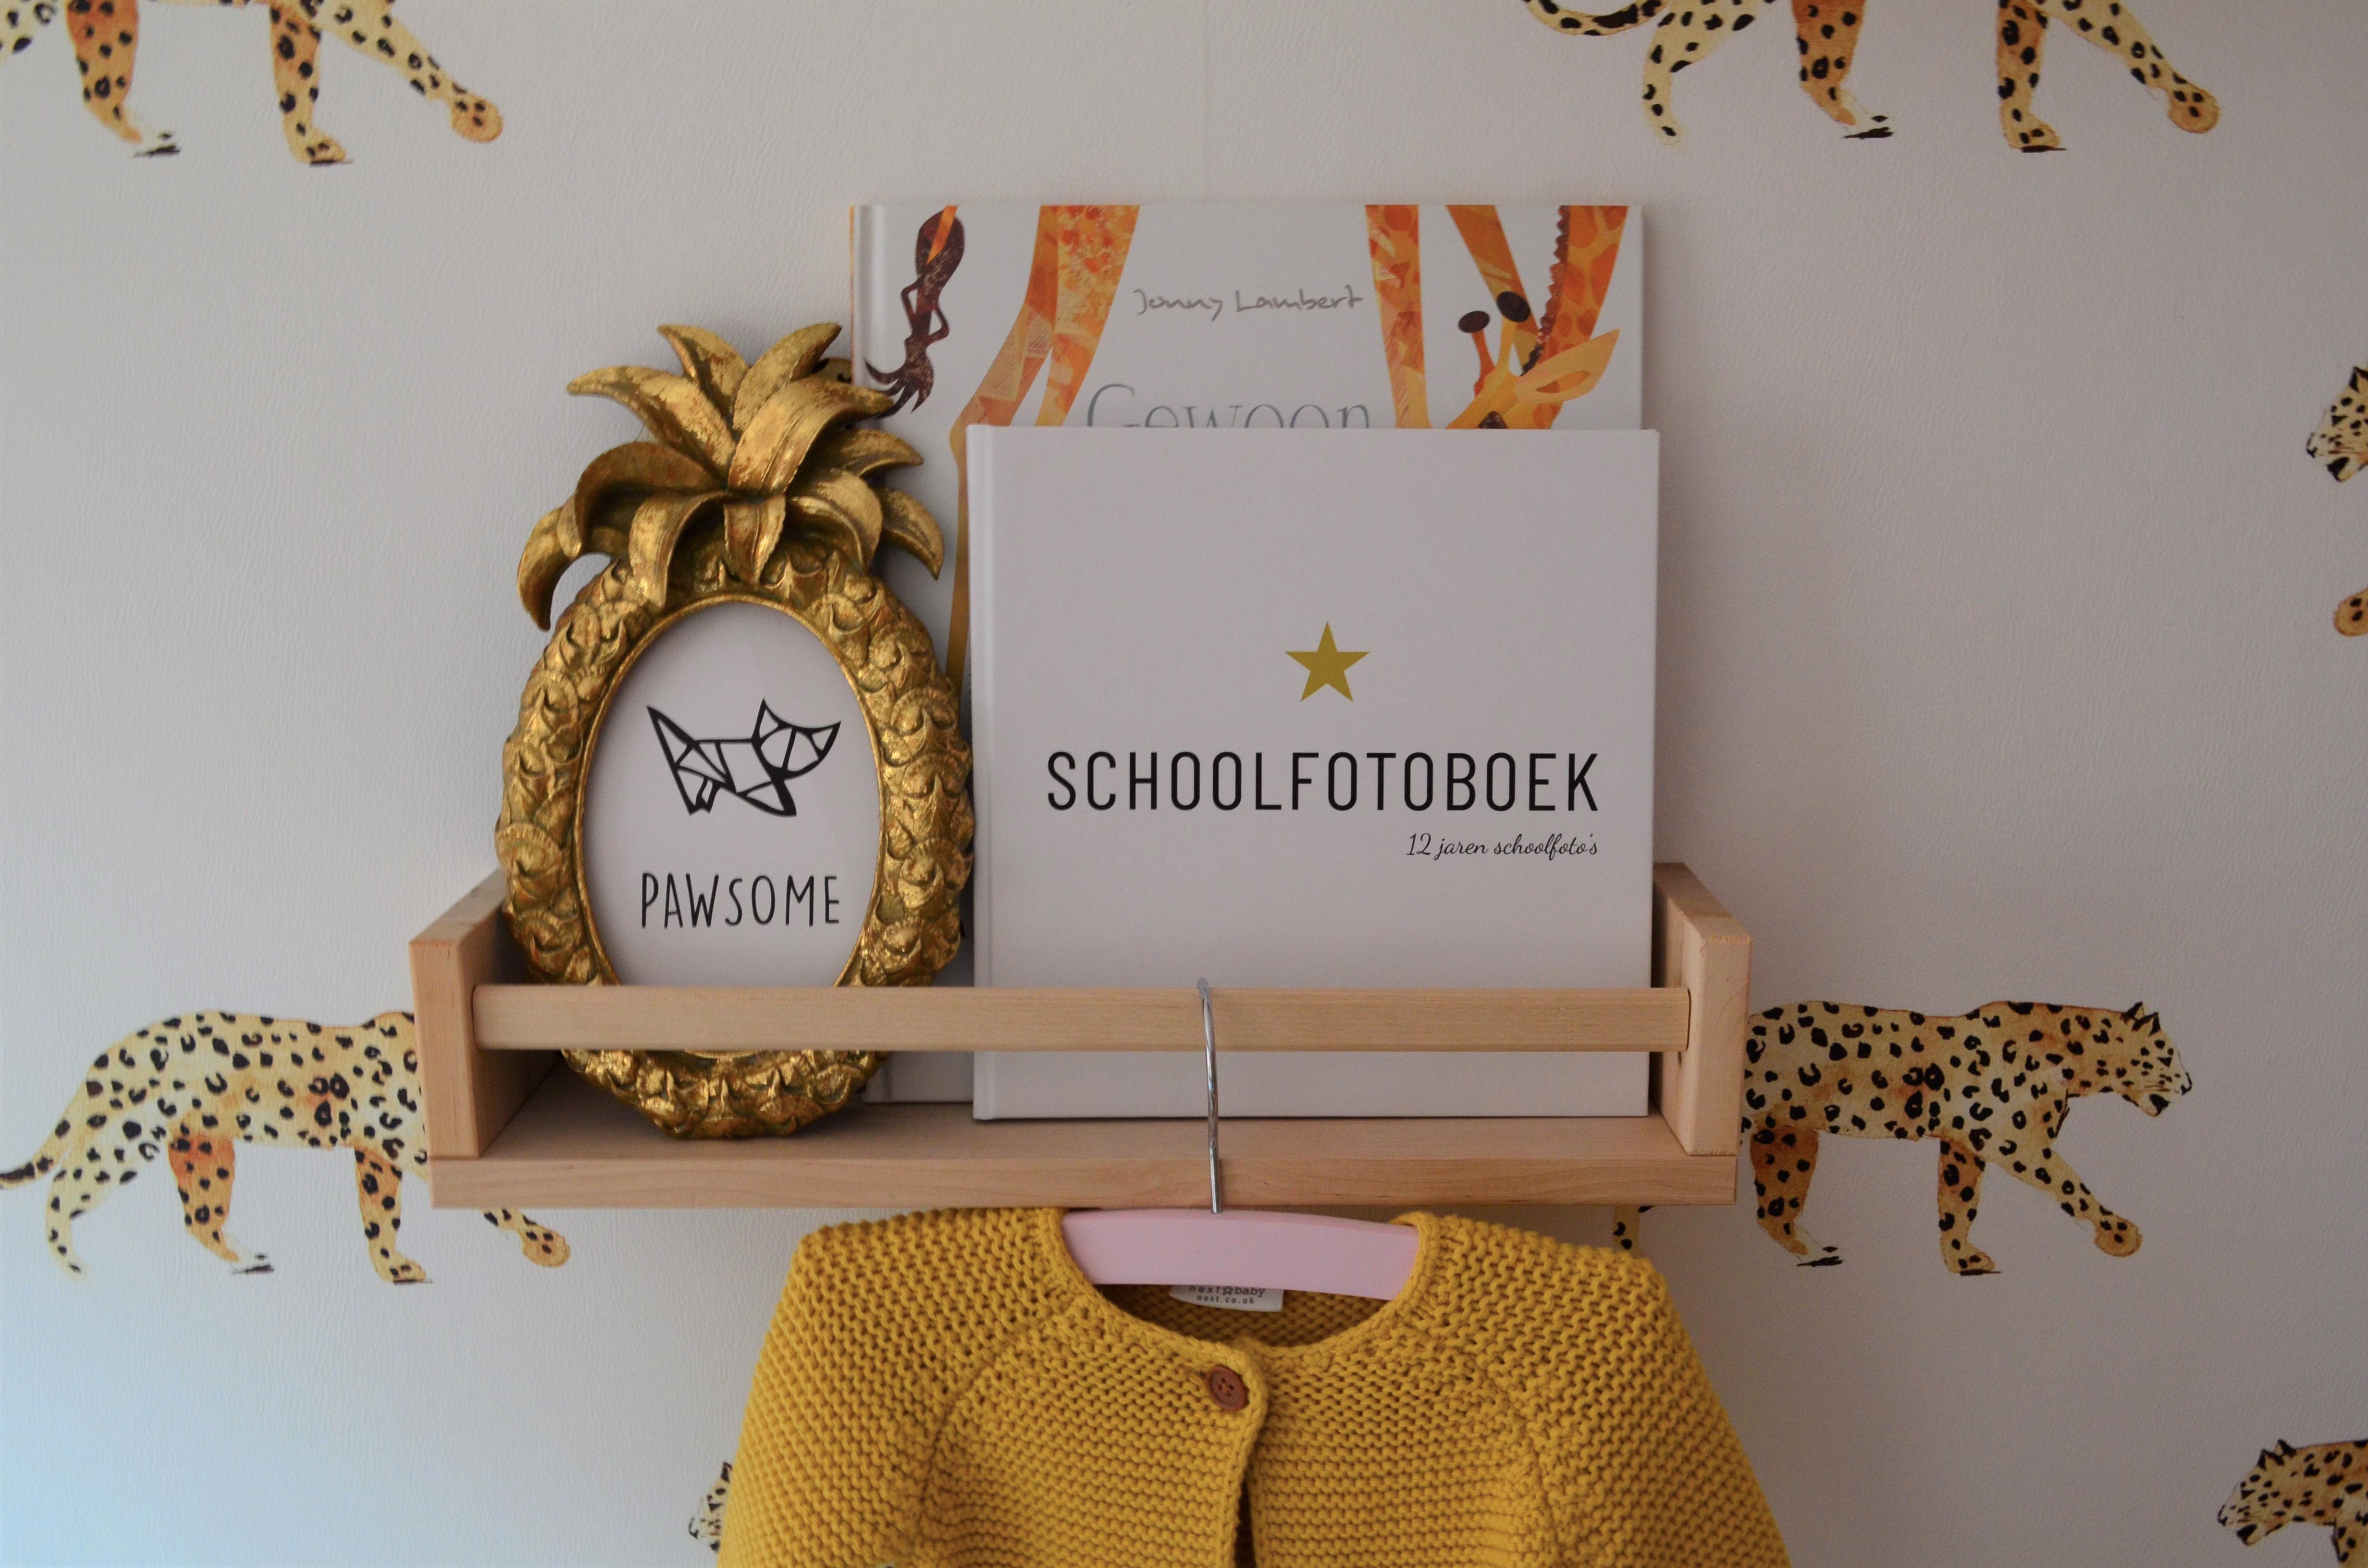 DSC 2602 4928x3264 - Nieuwe invulboeken: Kletskous, Opgroei- en Schoolfotoboek!